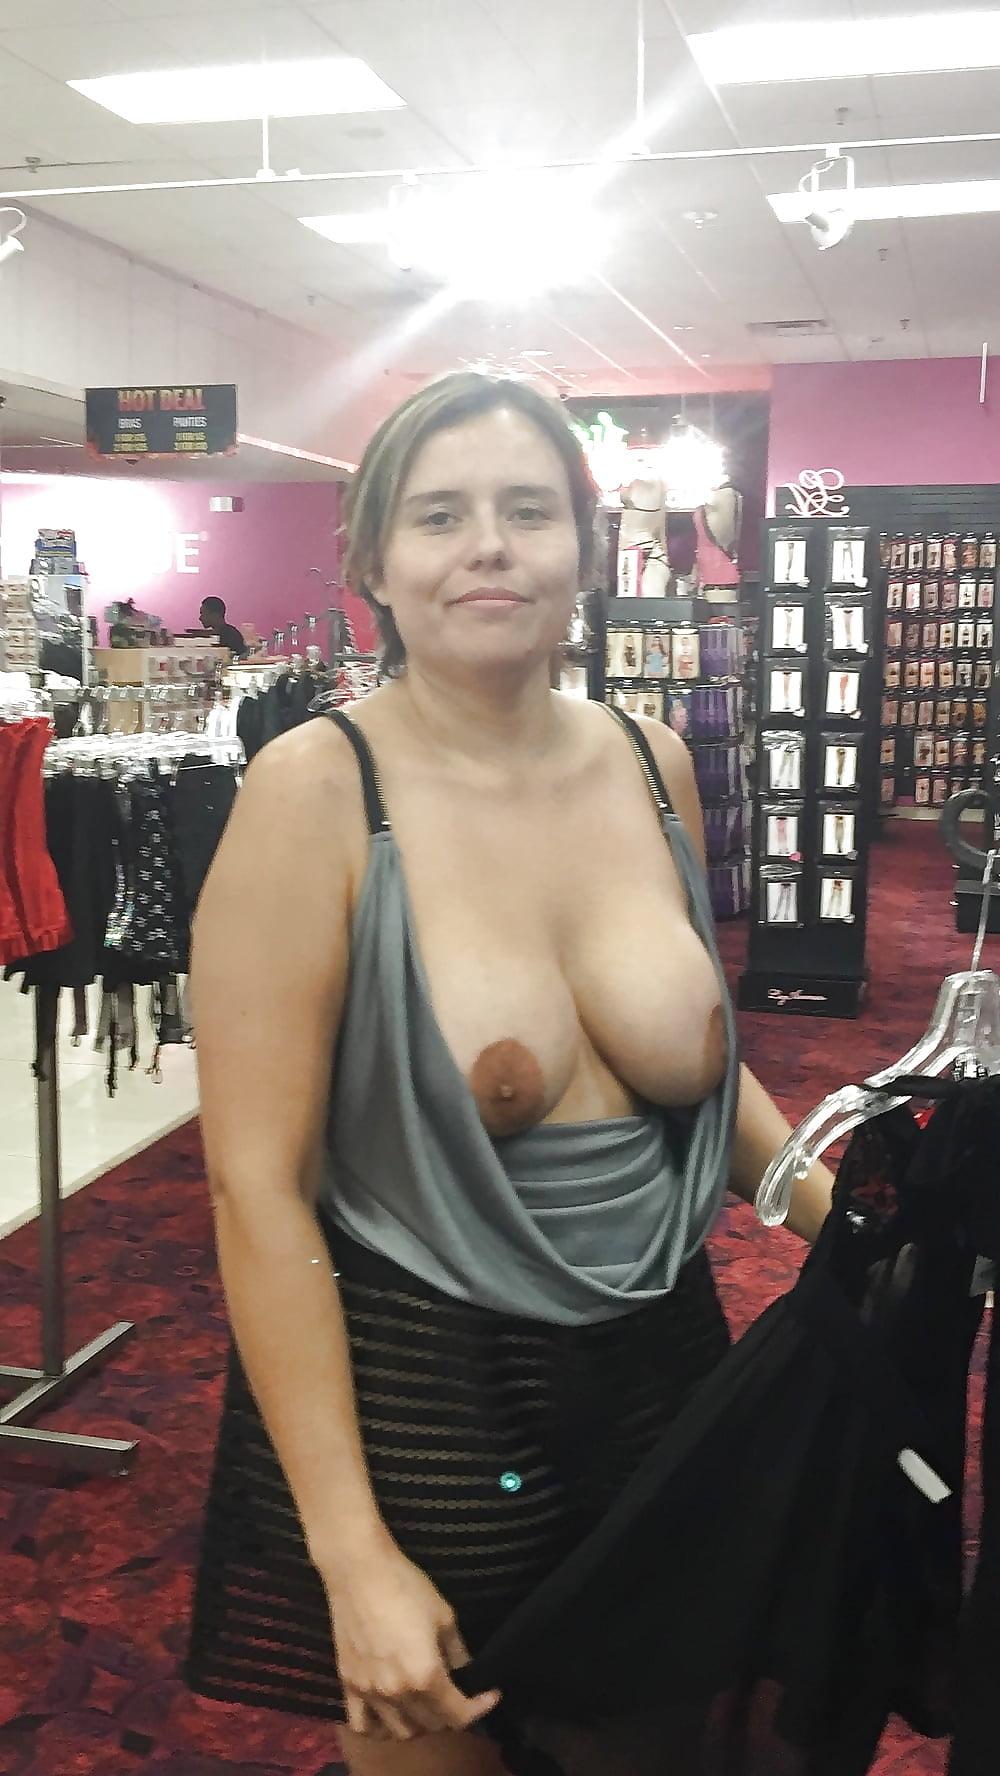 Me gusta exhibirme en un sexshop o sitios públicos